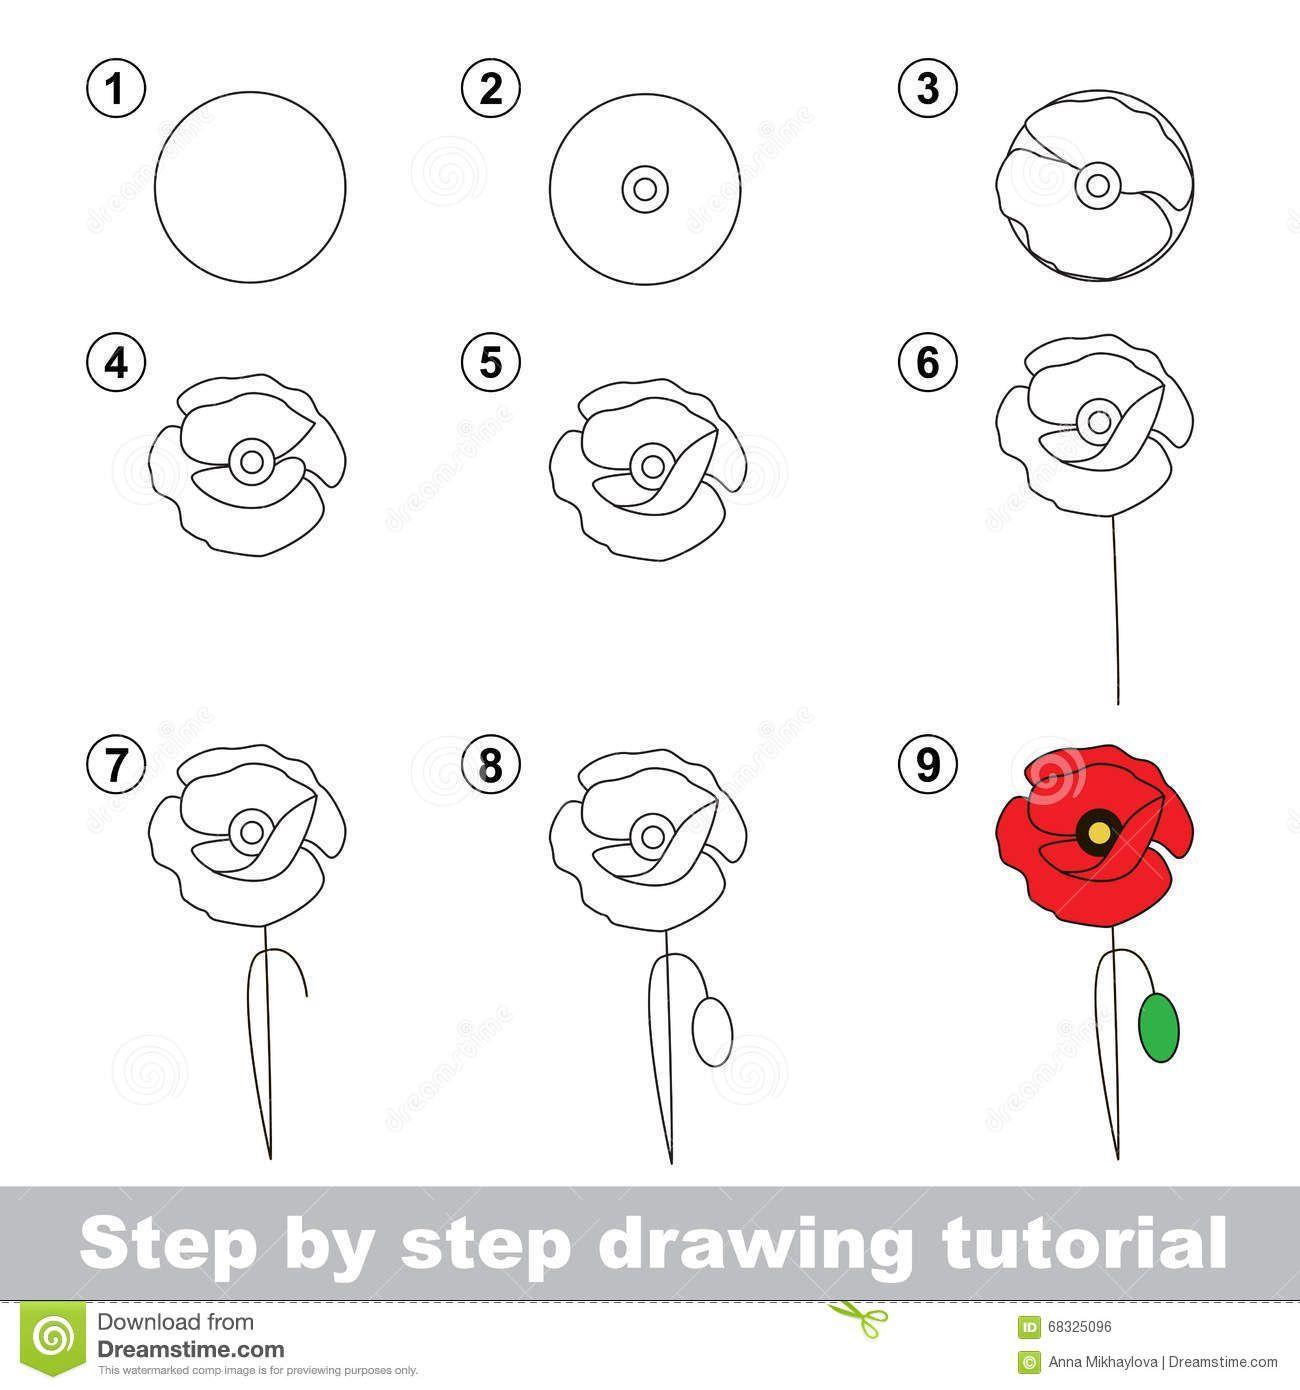 Zeichen Tutorial Wie Zeichnet Man Eine Mohnblume Stock Vektorgrafik Illustration Of Cartoo In 2020 Zeichnung Tutorial Mohnblume Blumen Skizzen